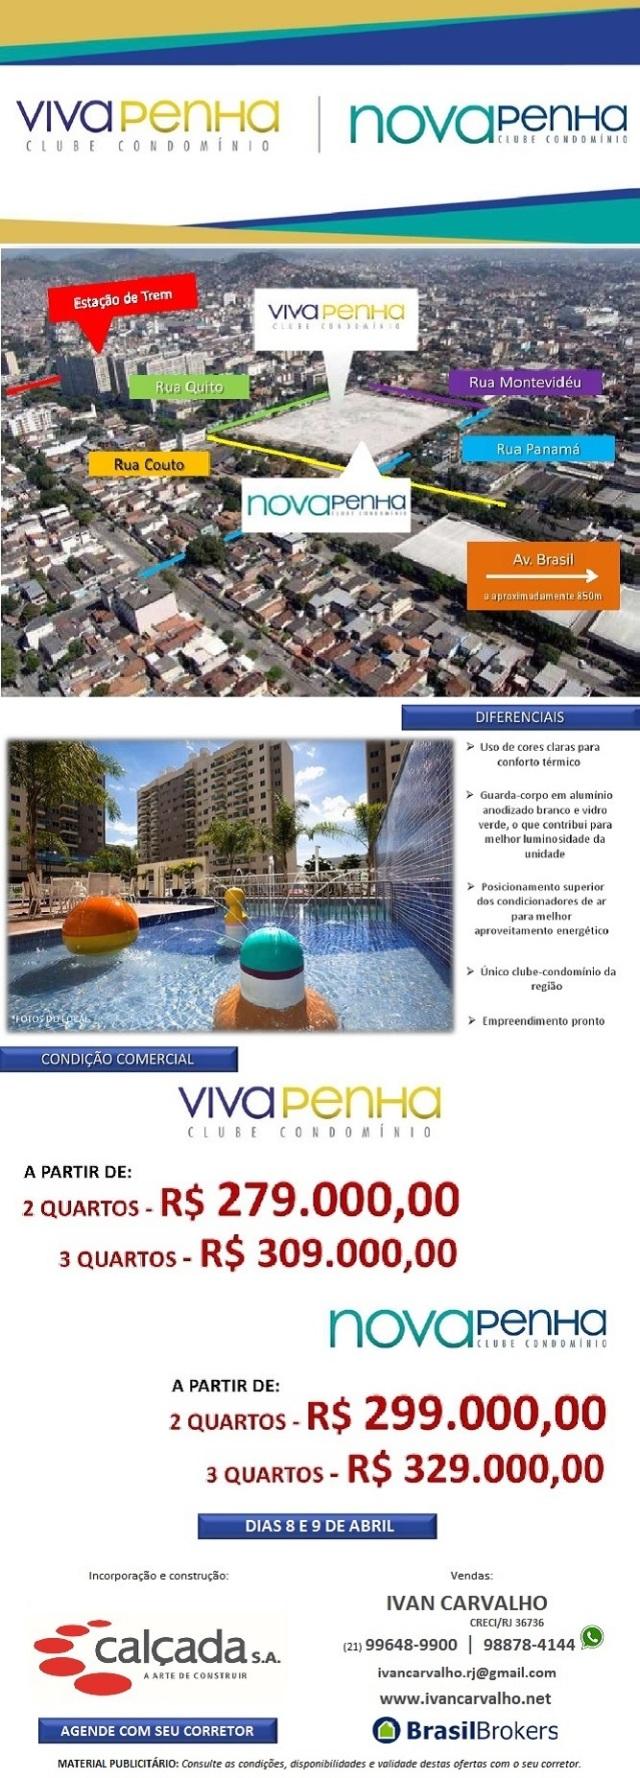 Nova Penha | Viva Penha | apartamentos de 3 e de 2 quartos no maior e melhor clube condomínio da região da Penha